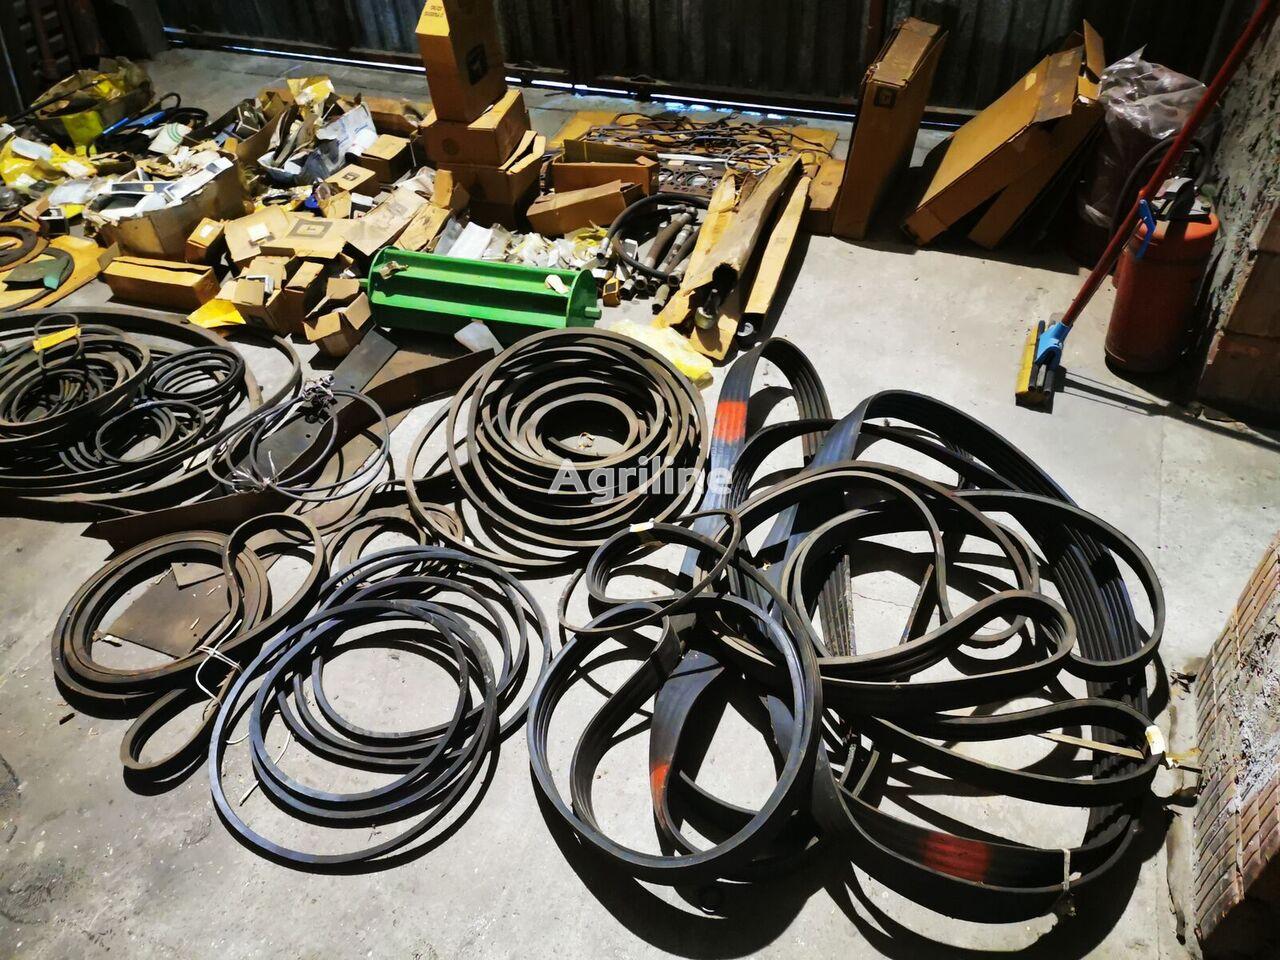 new John Deere repair kit for JOHN DEERE 4755 tractor